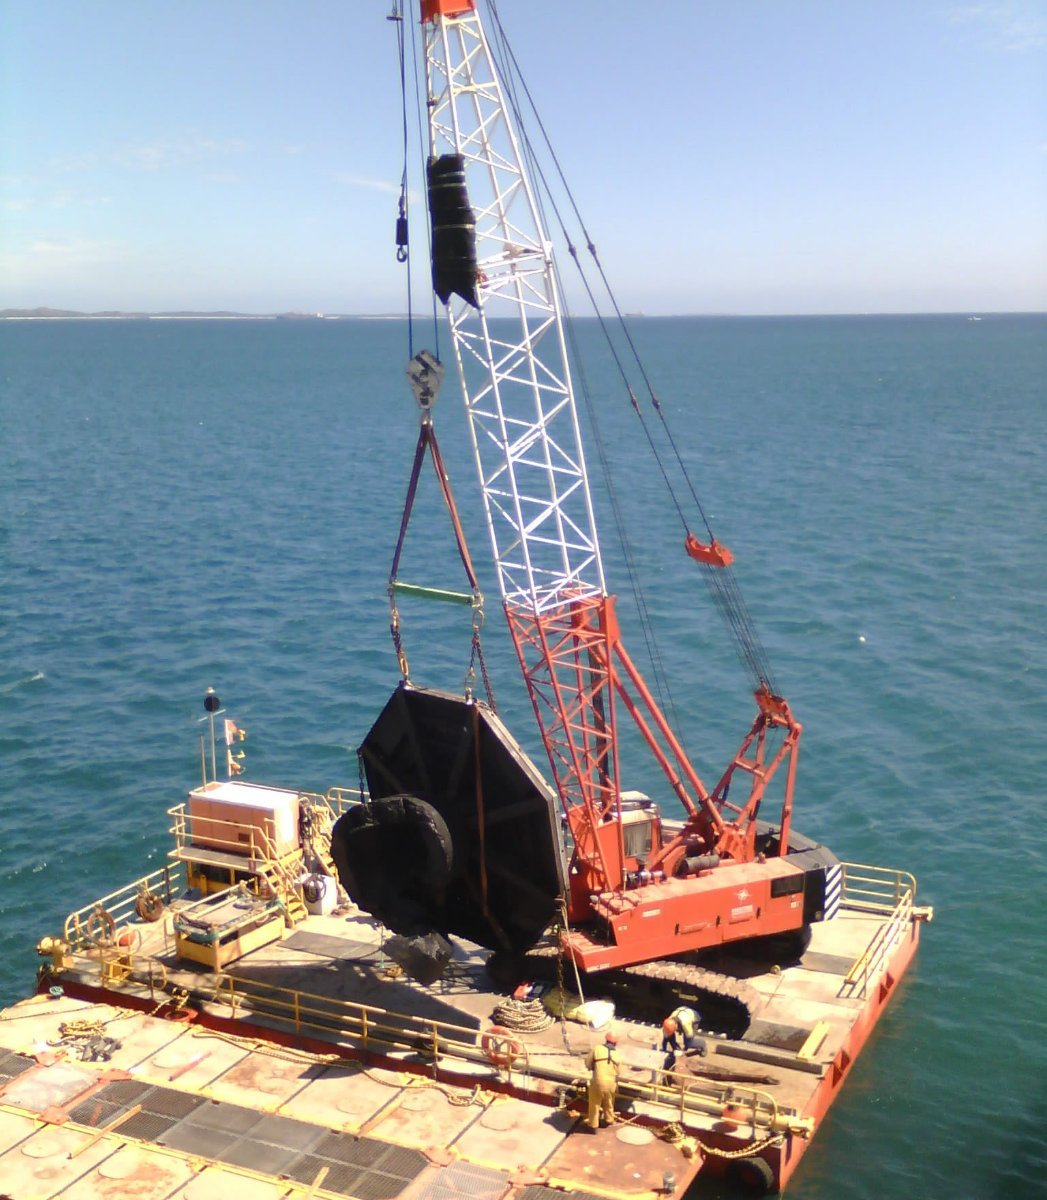 15.95m x 11m Modular Barge